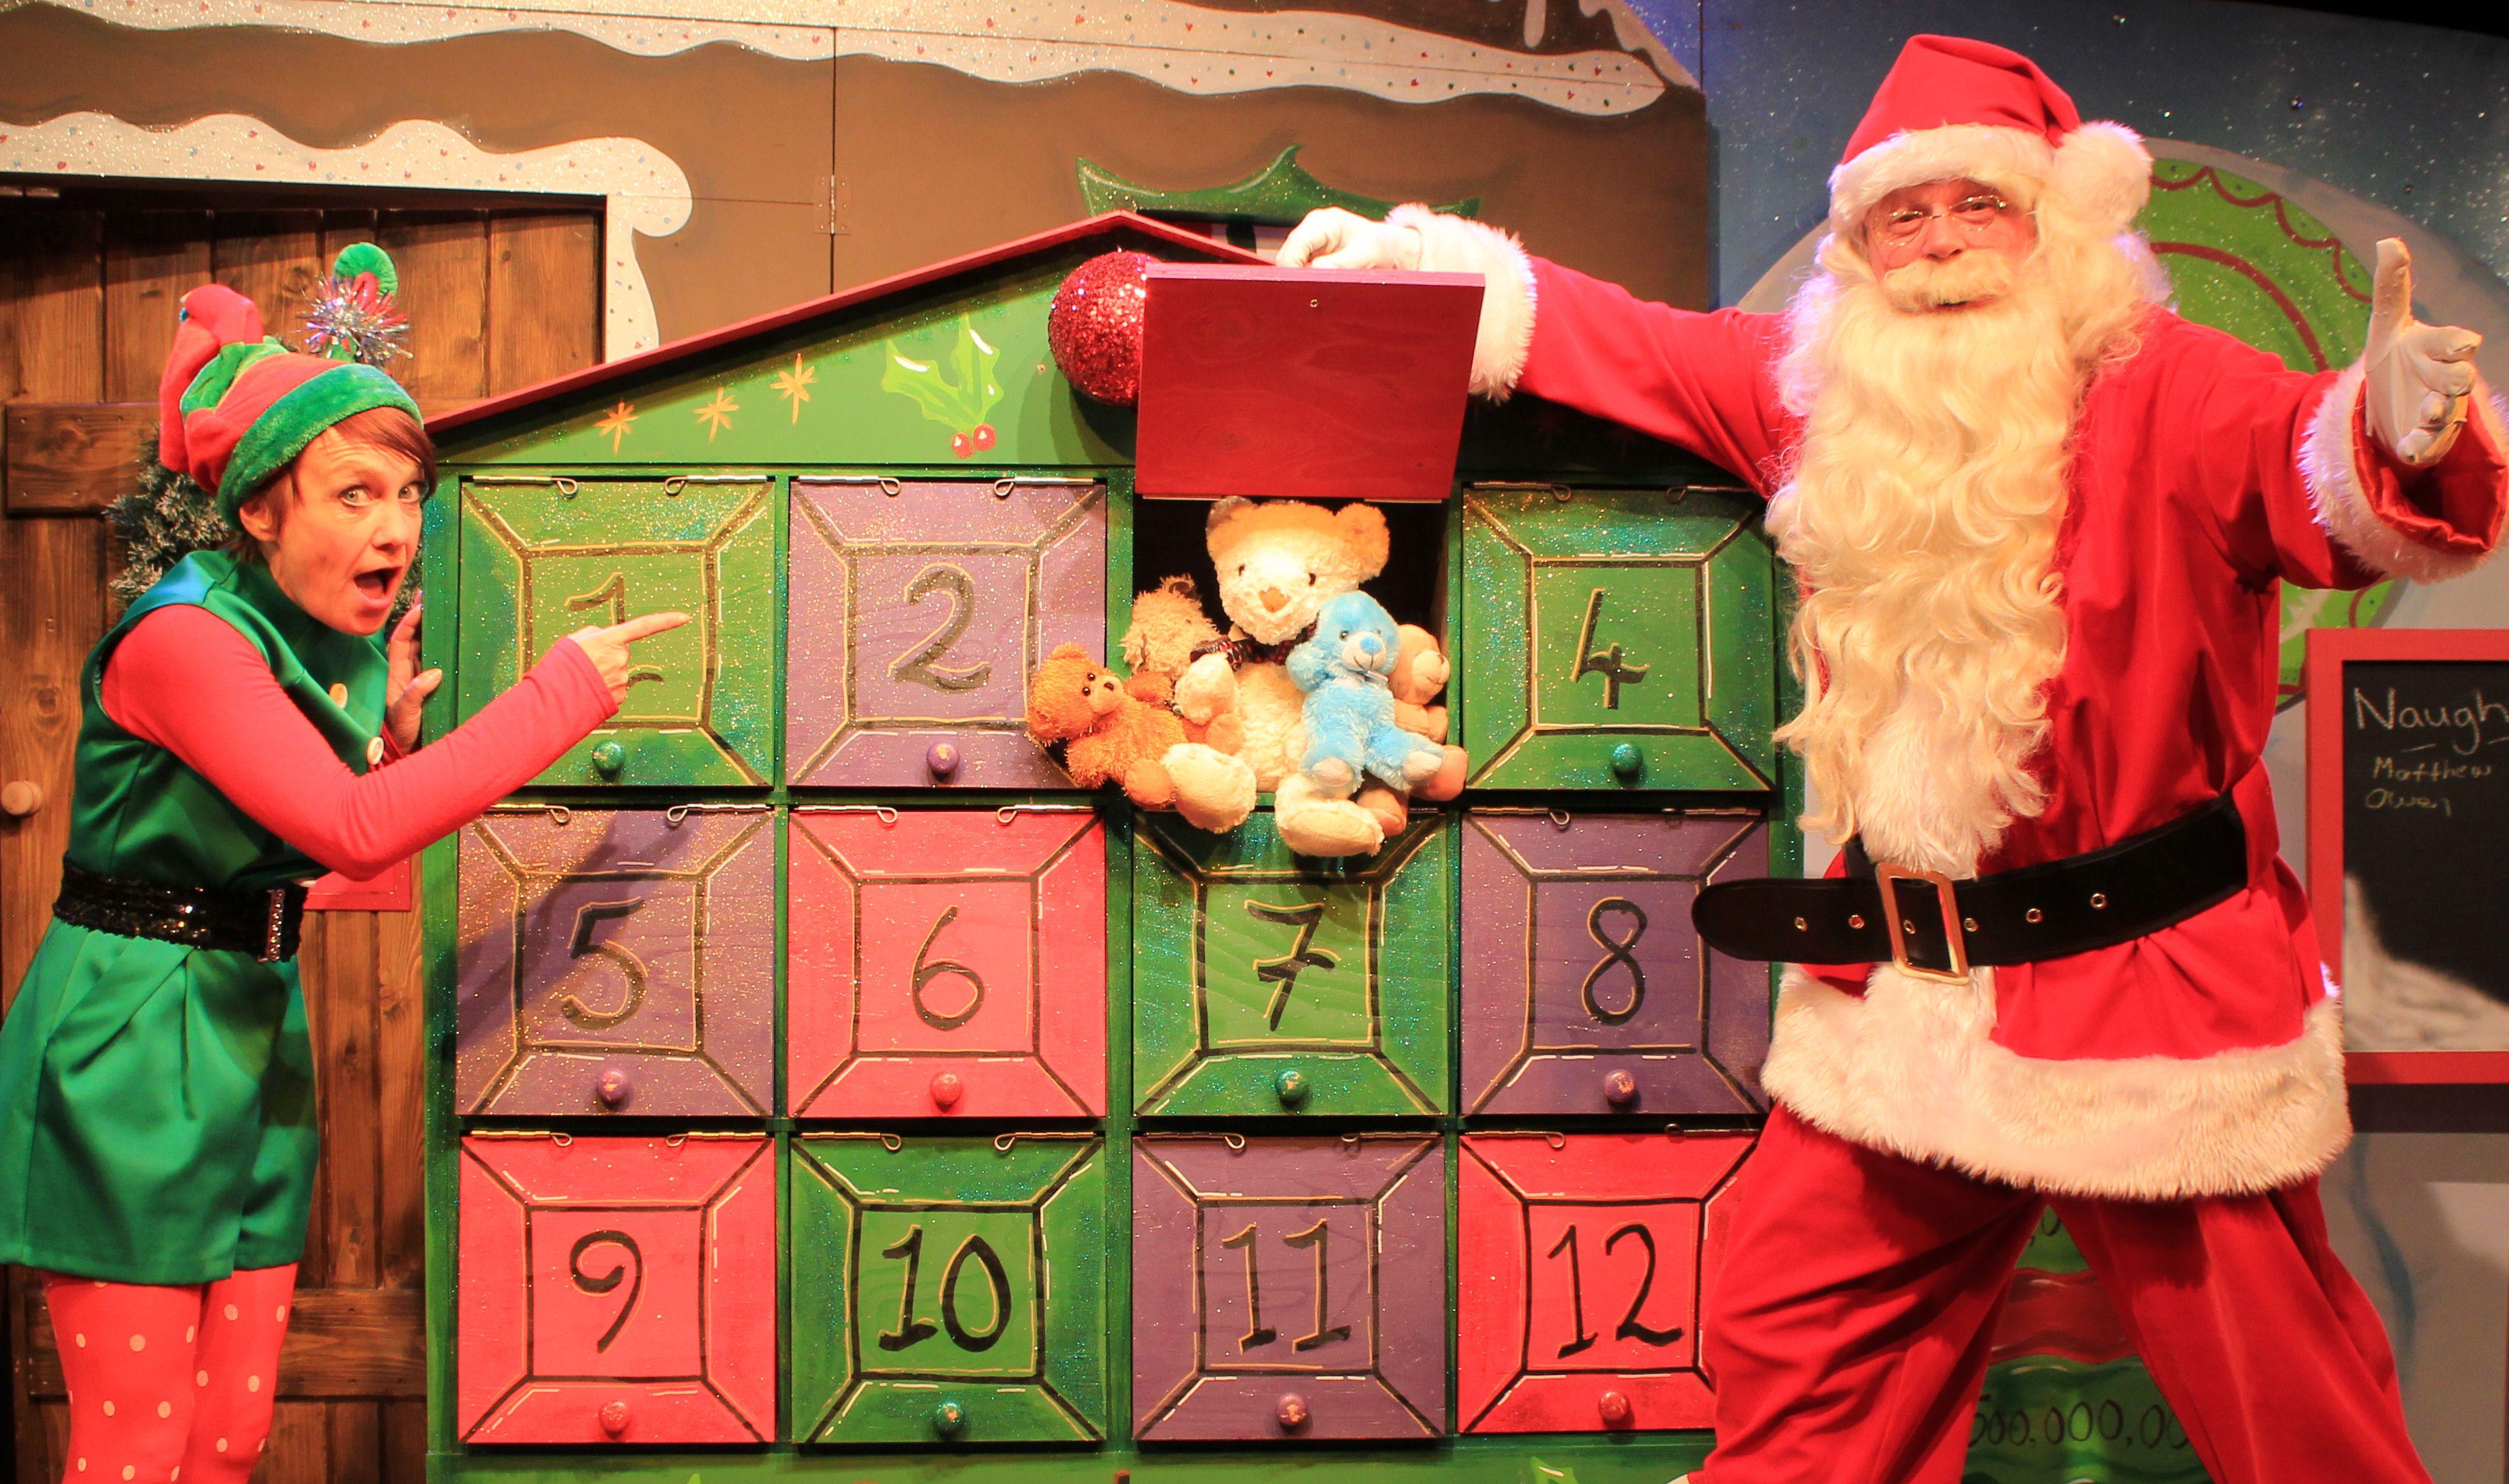 The Santa Shows - Dotty and Santa open the Christmas Calendar